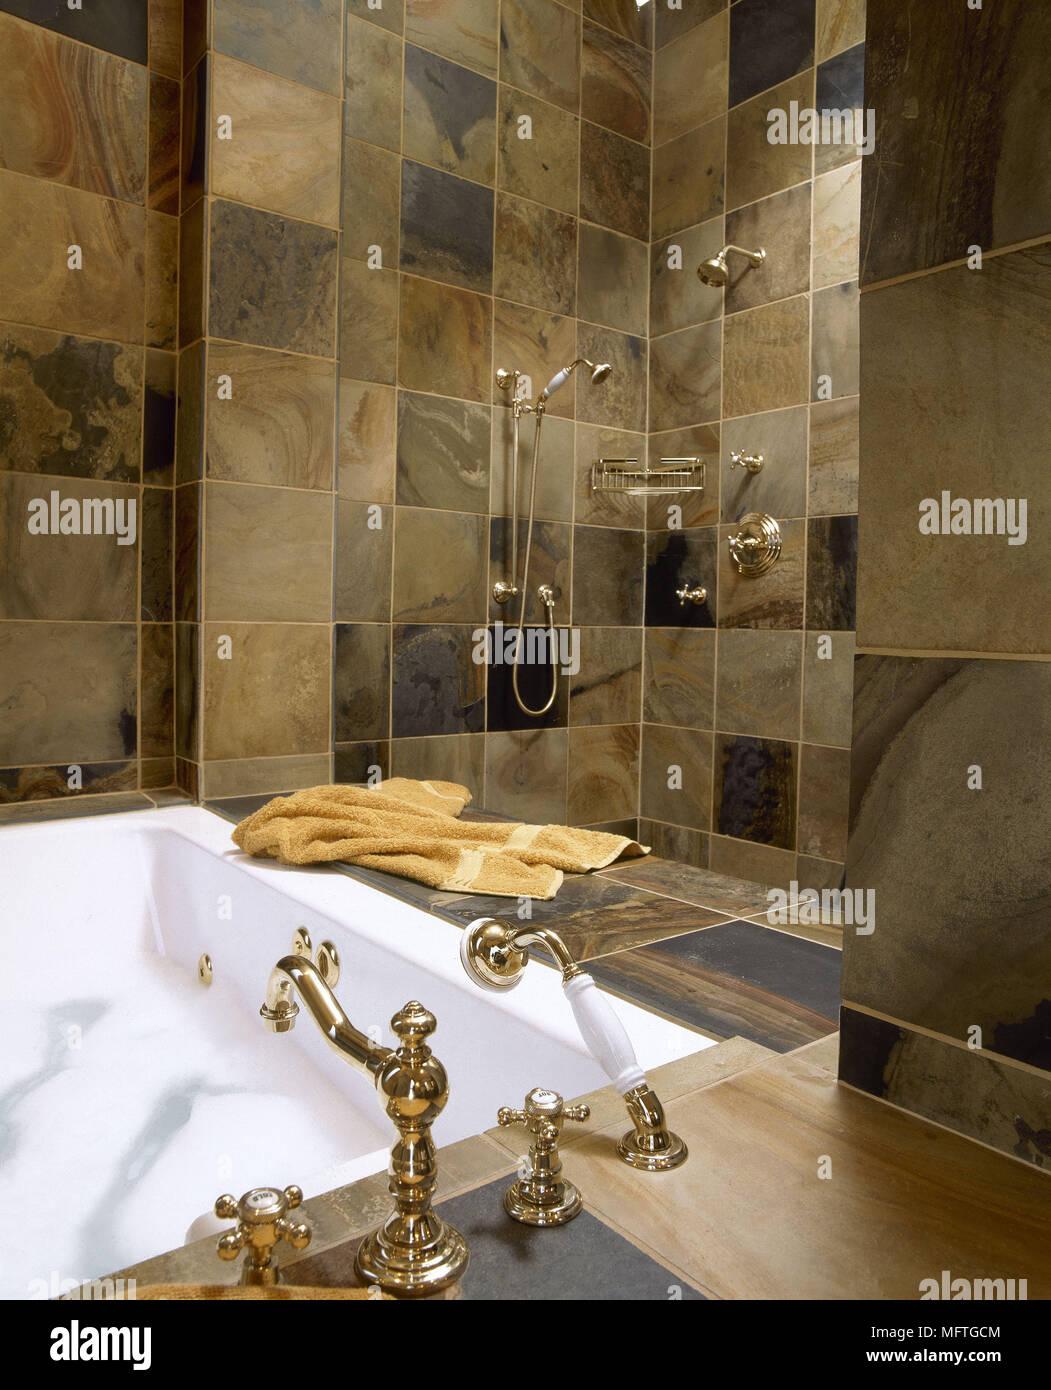 Traditionelle Badezimmer detail Sandstein Fliesen Bad Dusche ...